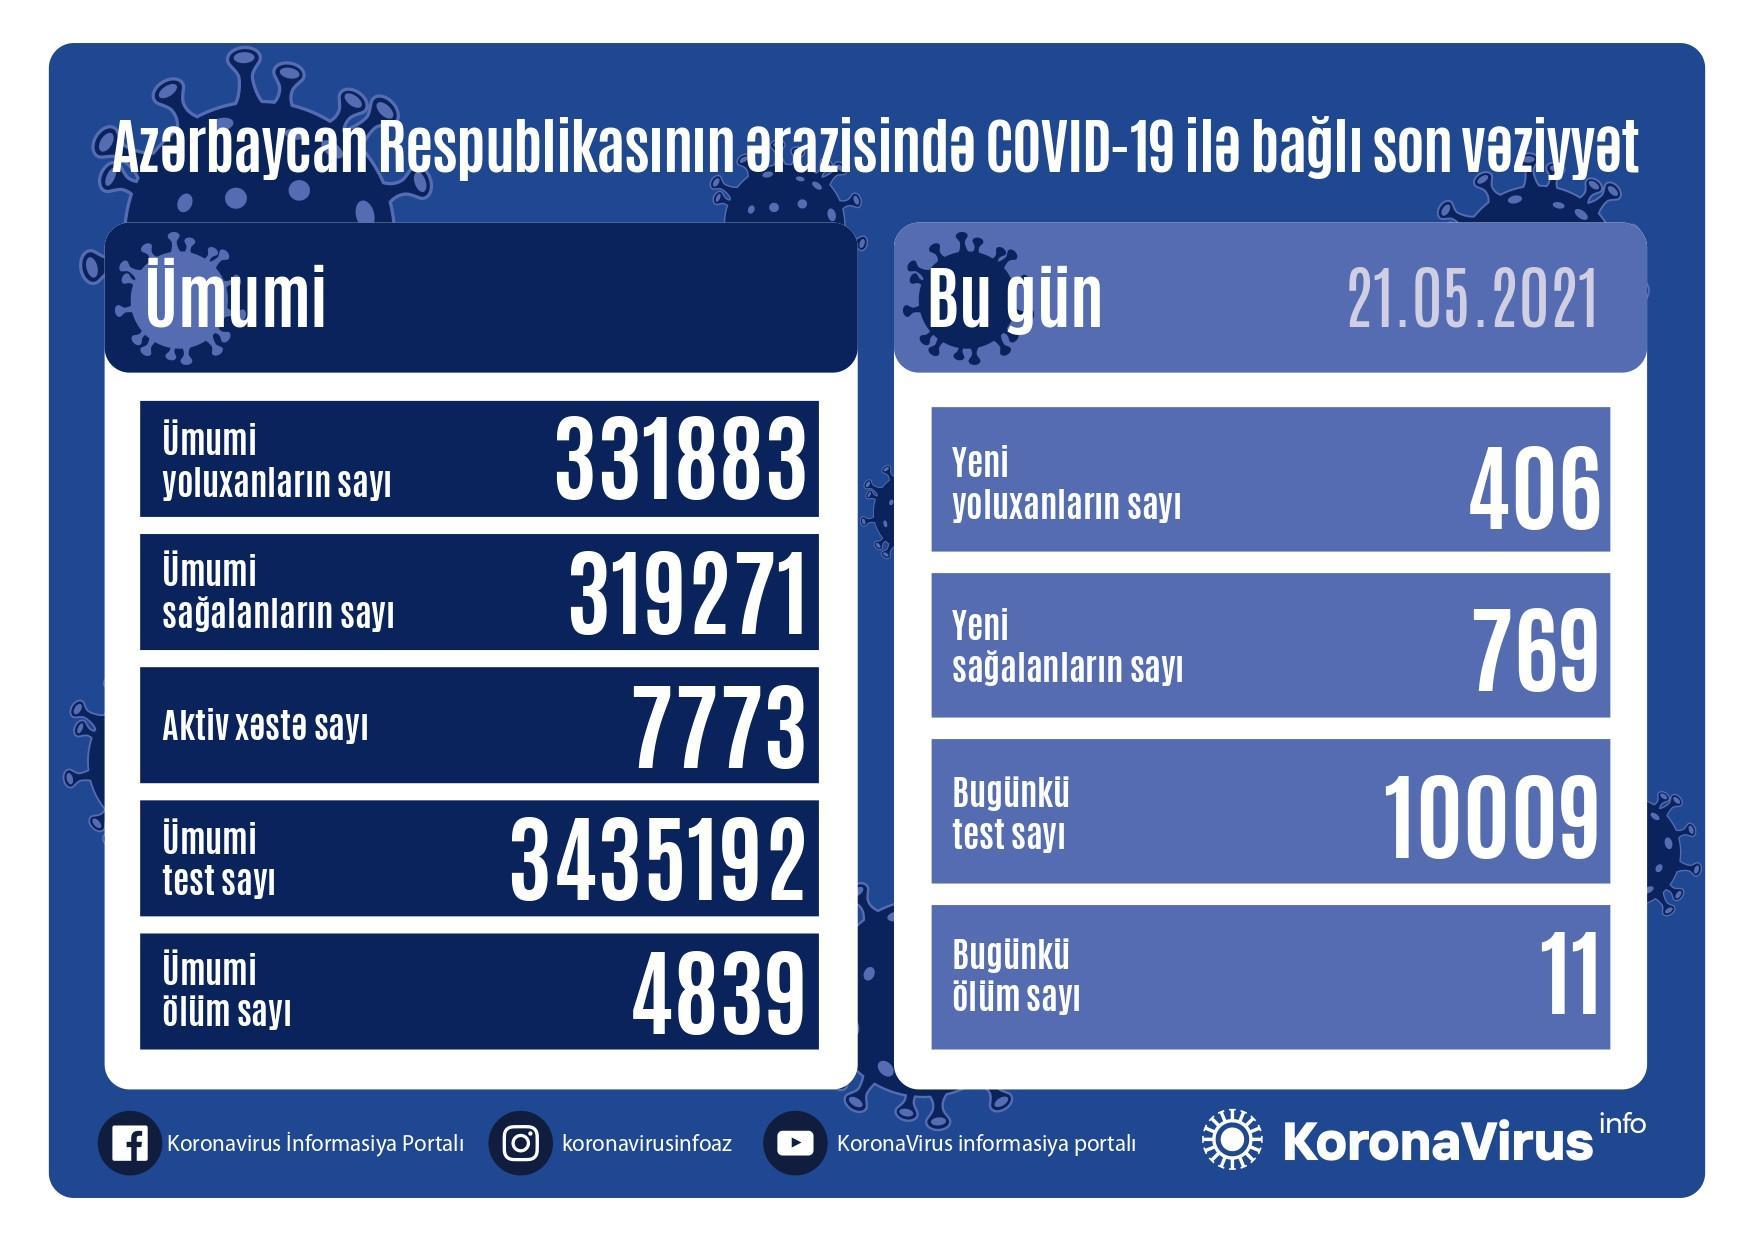 Ölkədə son sutkada koronavirusa yoluxma sayı